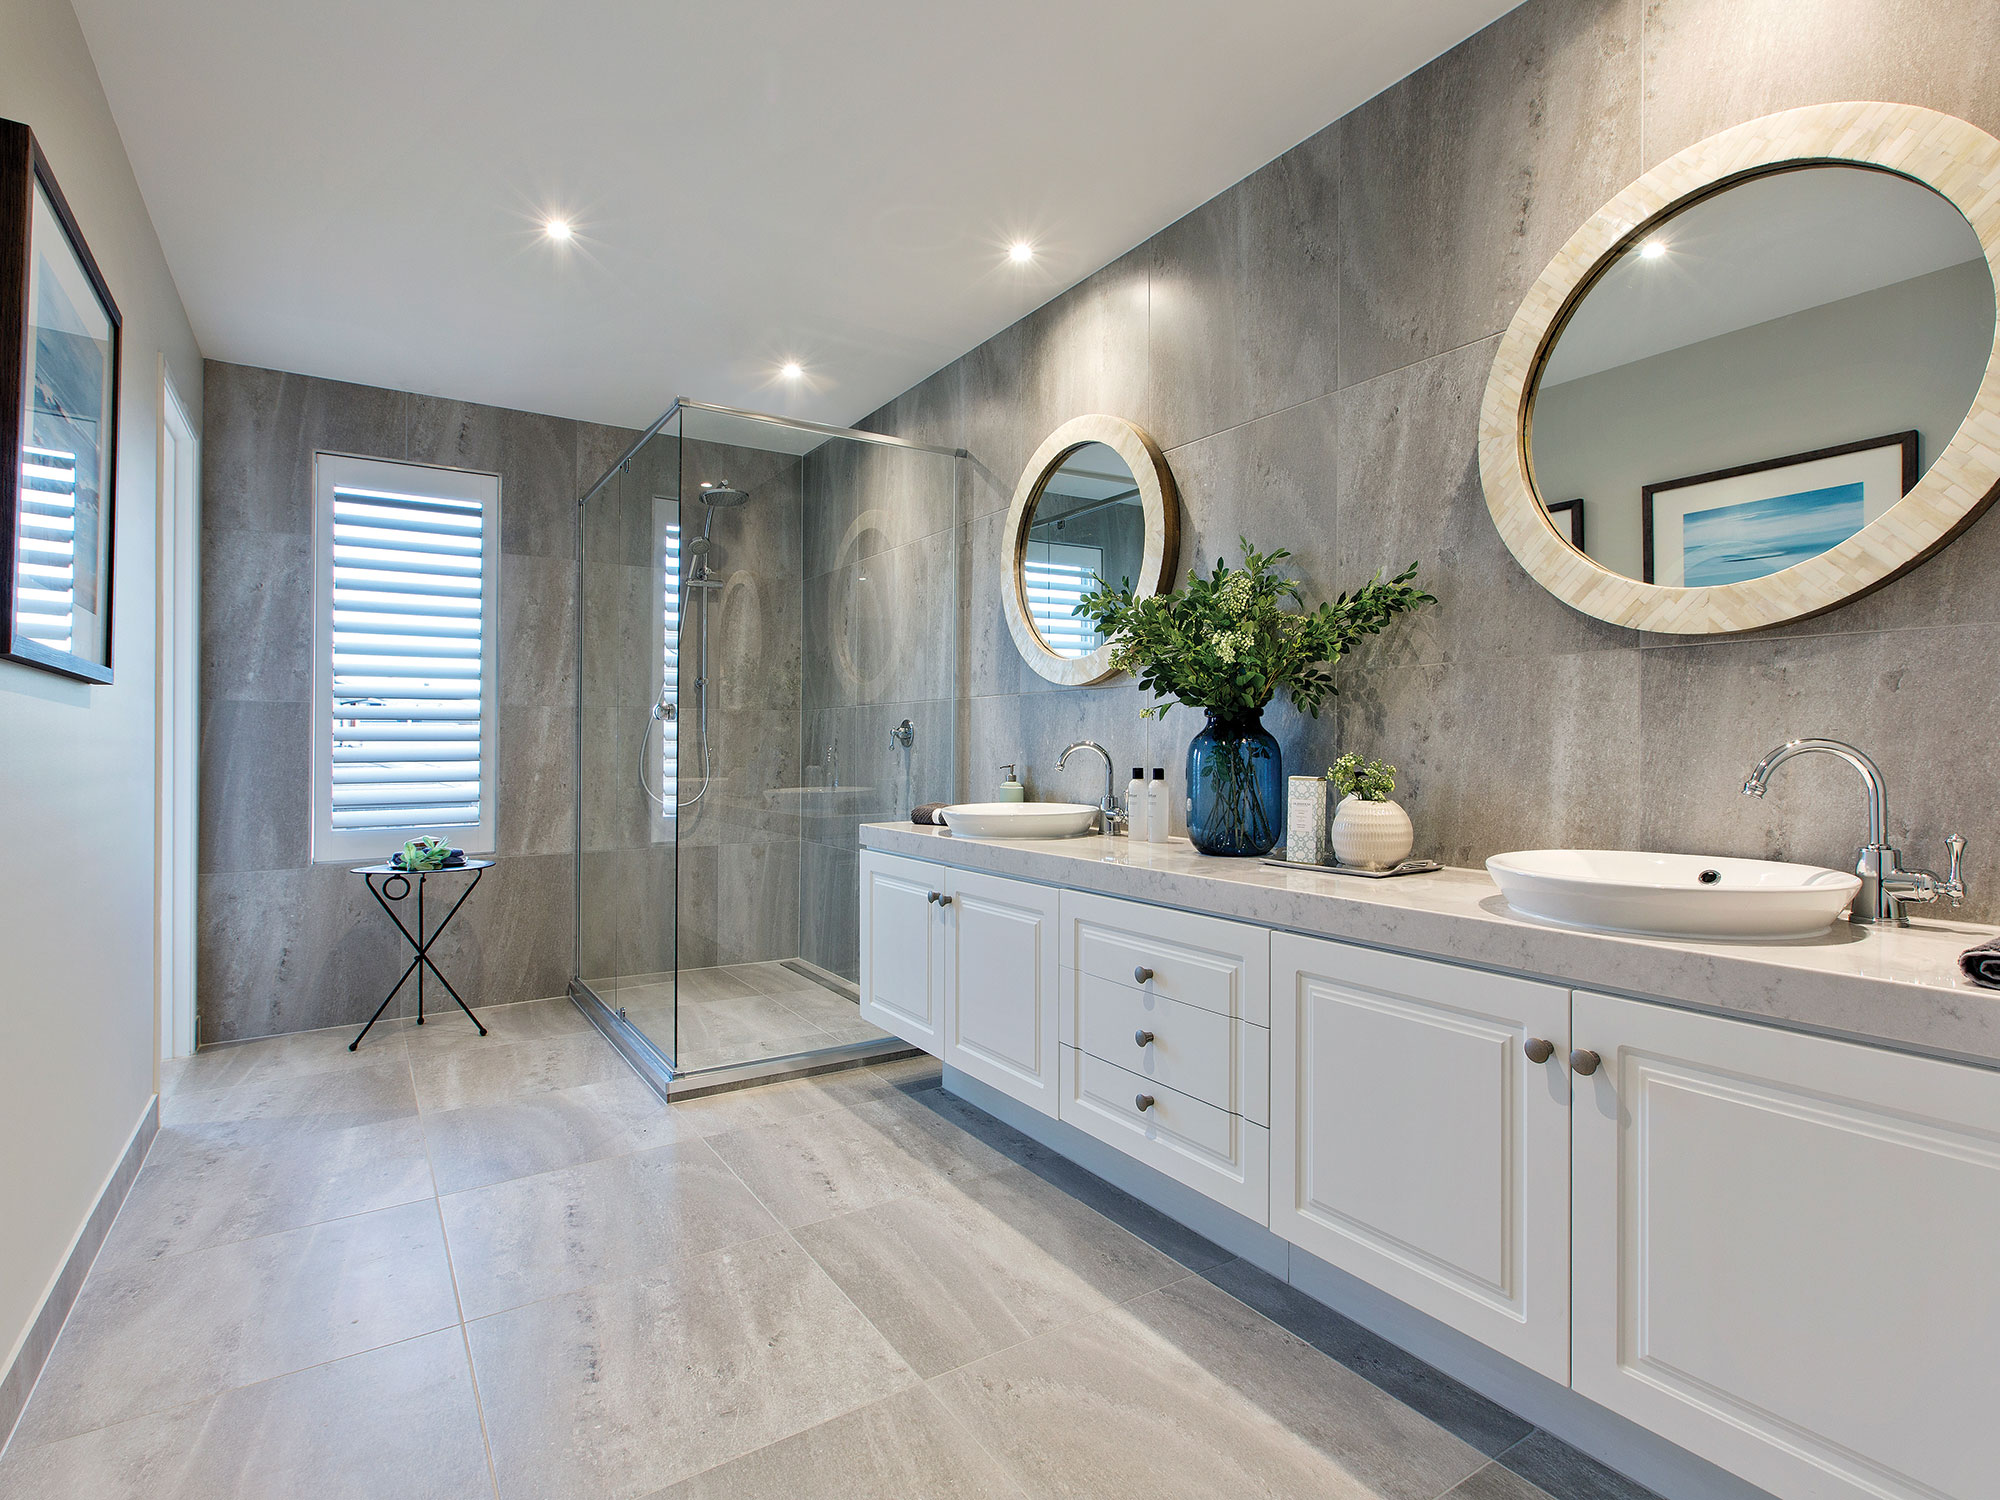 Traditional Bathroom Ideas - realestate.com.au on Bathroom Ideas Photo Gallery  id=59352